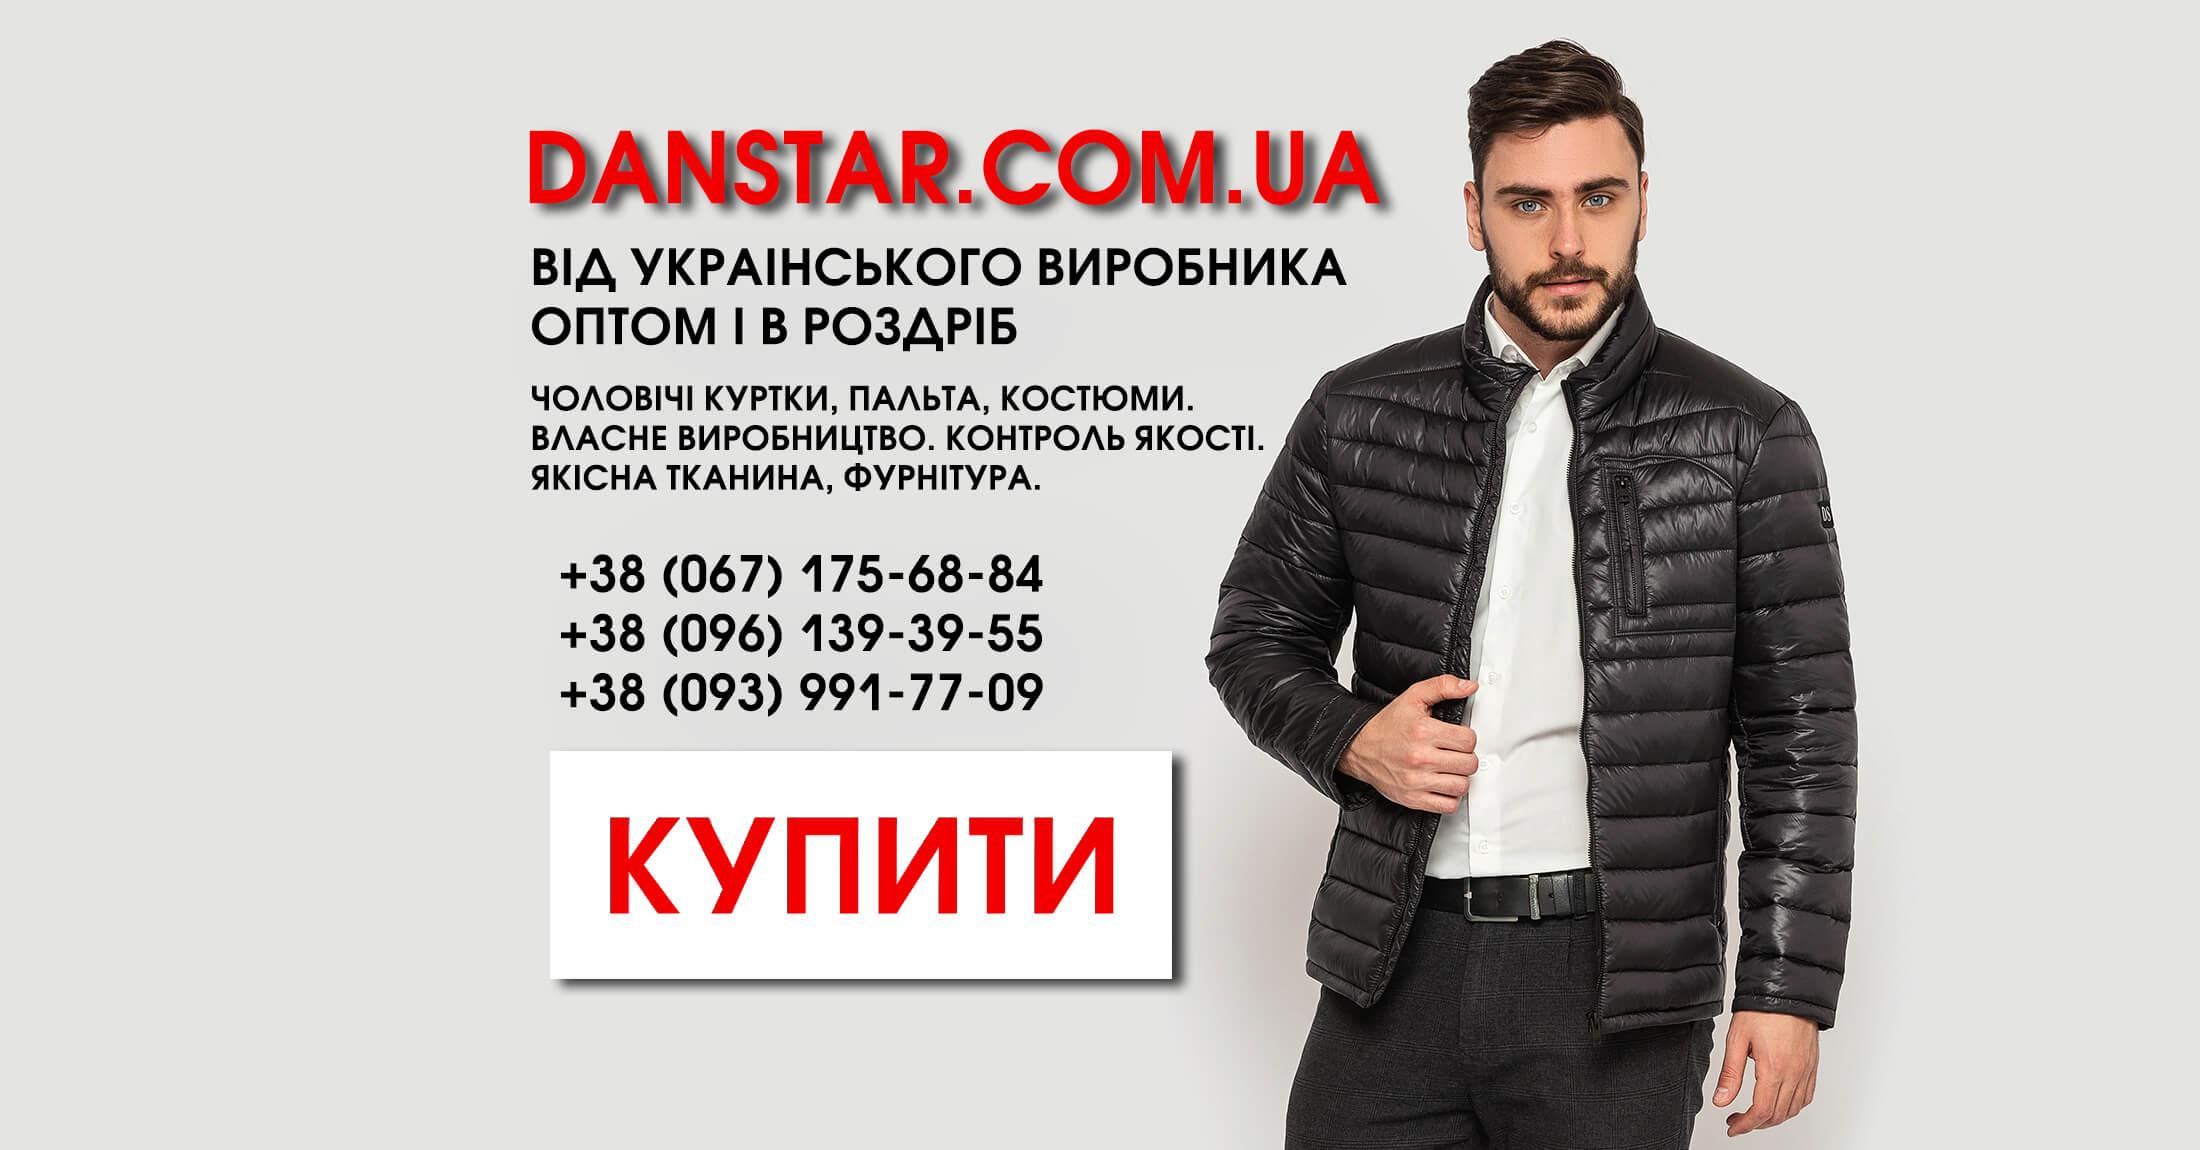 Чоловічий одяг від українського виробника.